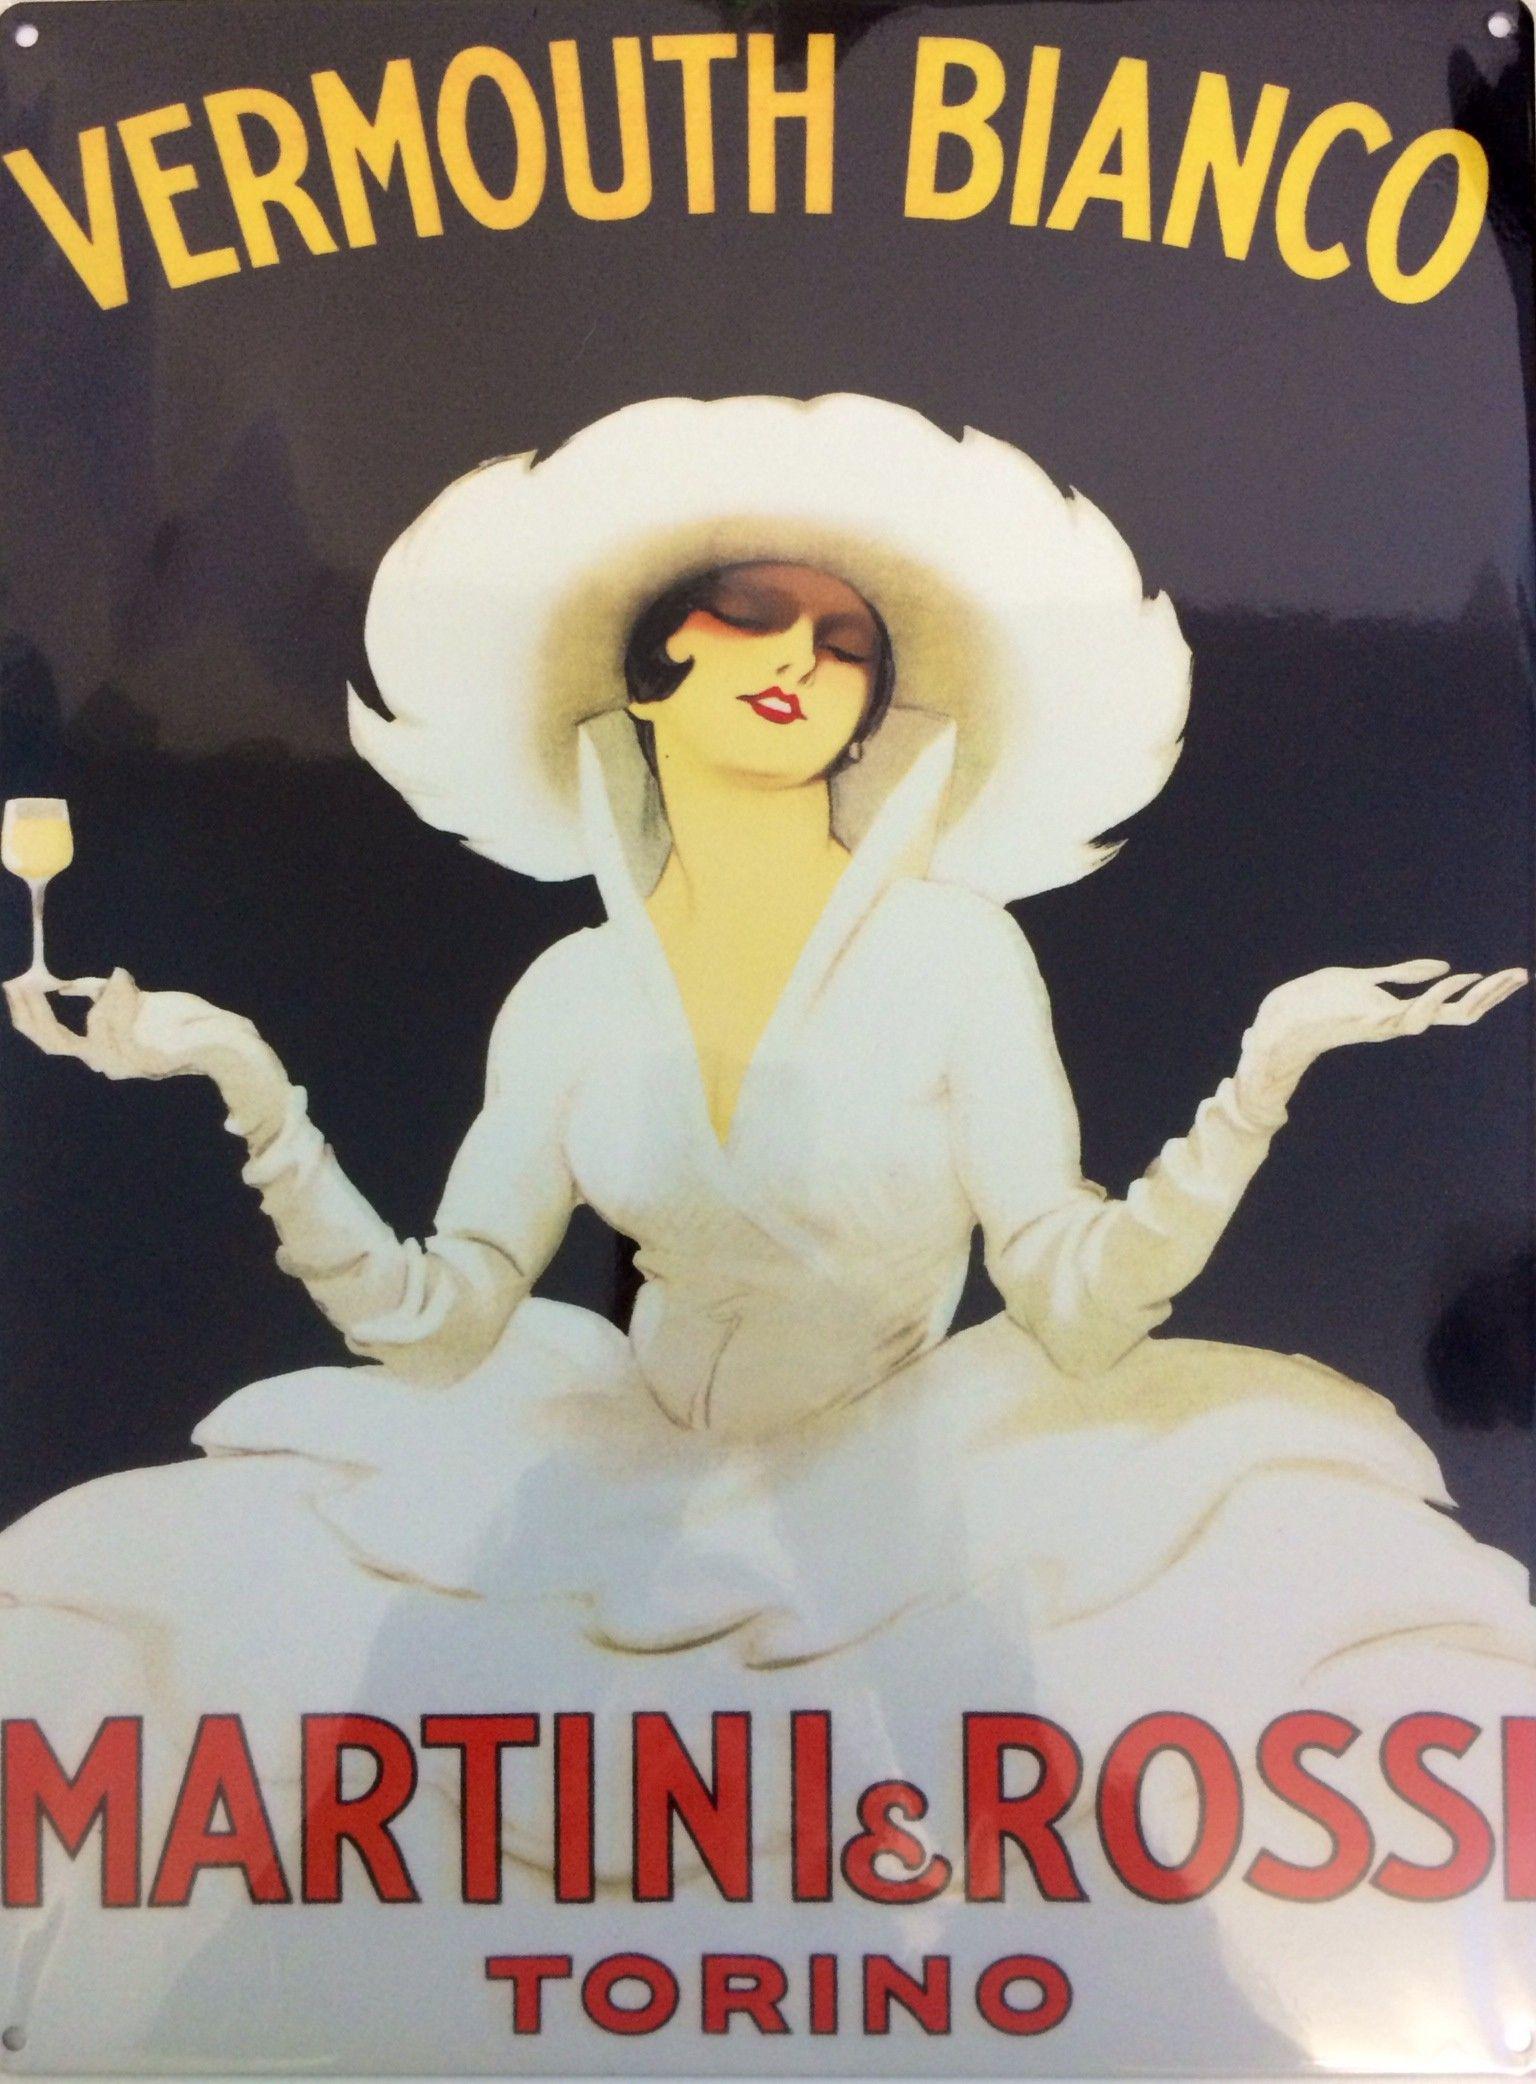 Plaque en m tal ap ritif martini vermouth bianco rossi torino plaque maill e m tal - Affiche cuisine retro ...